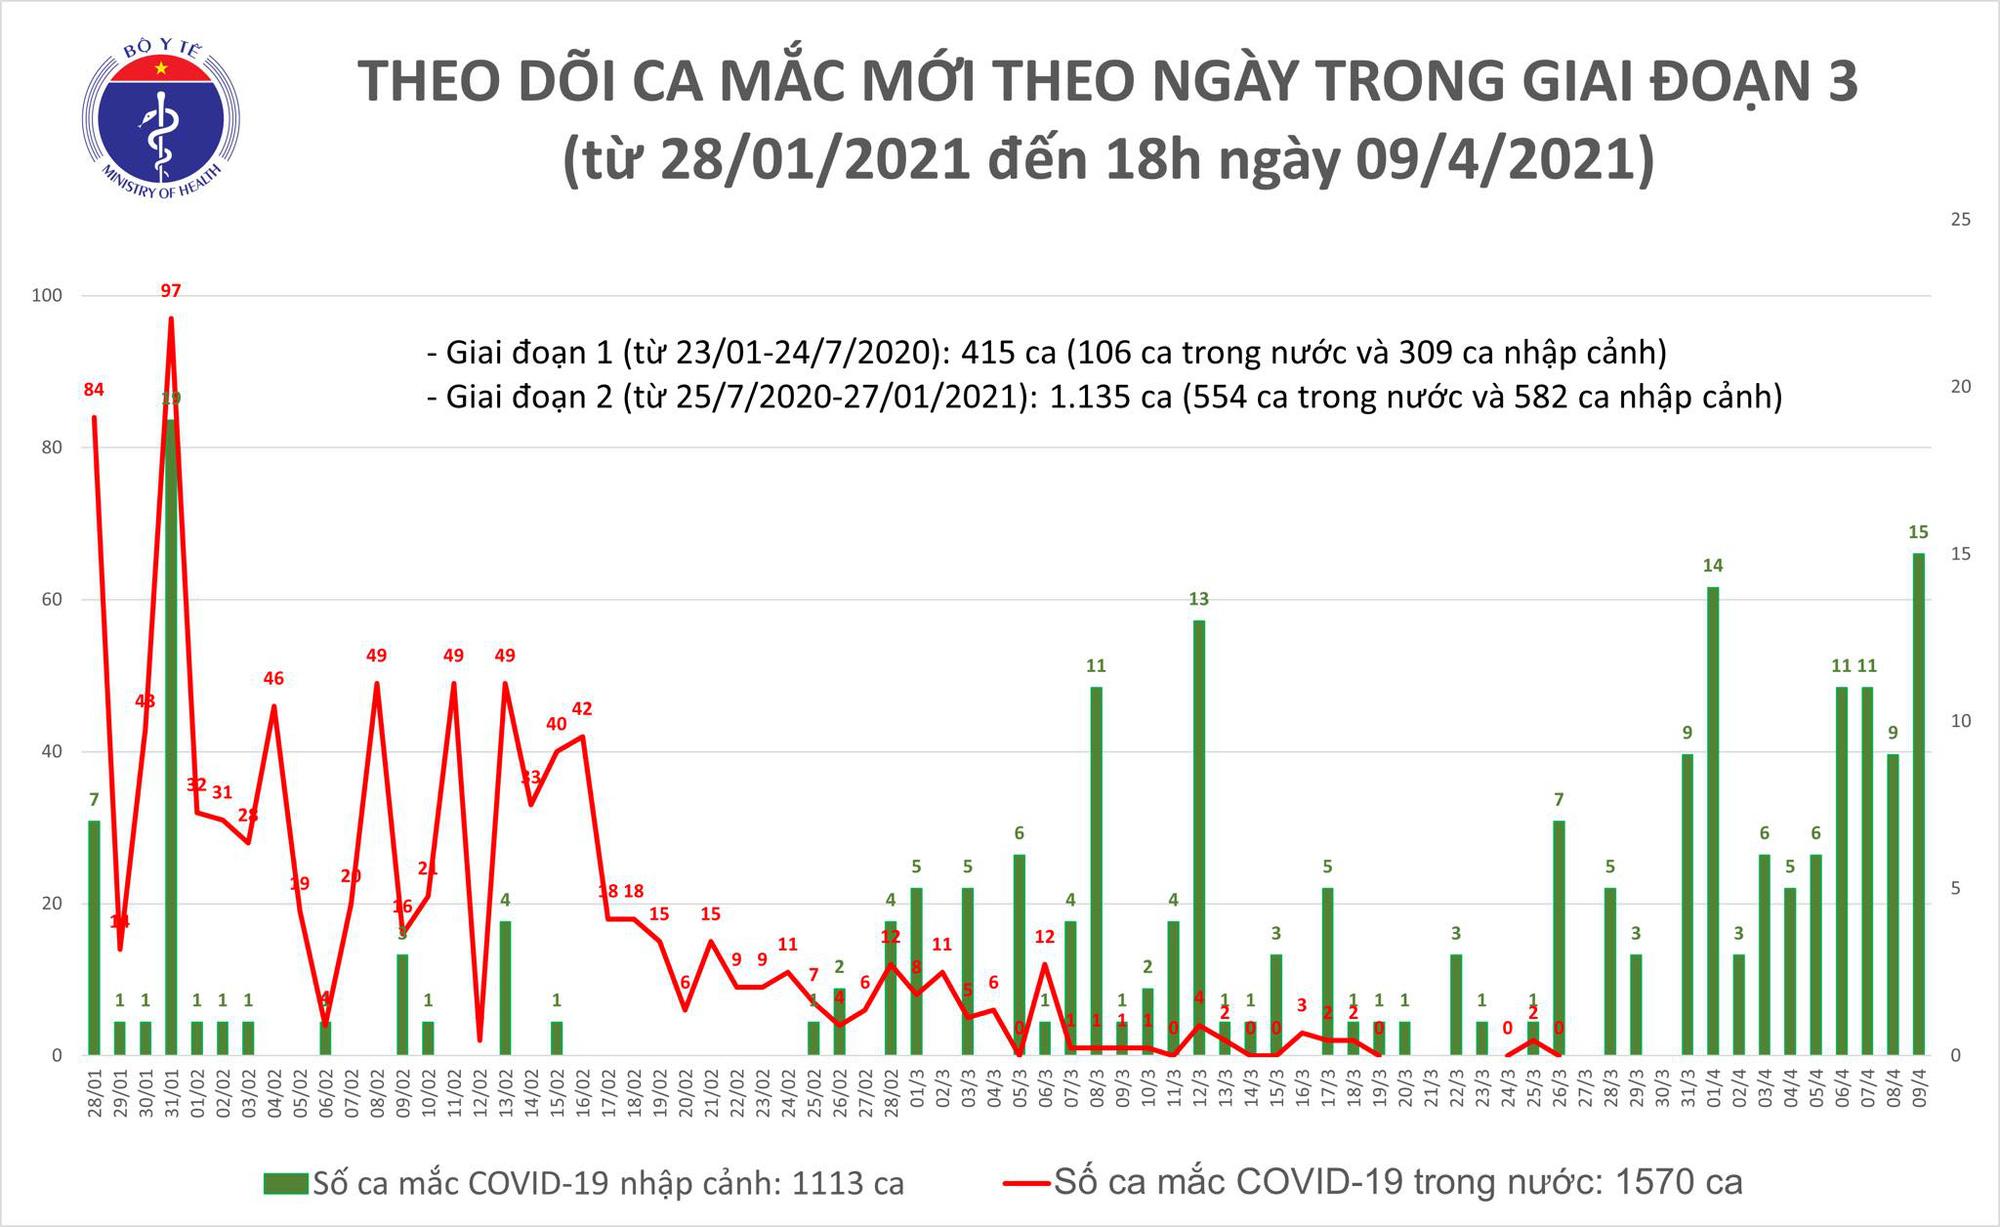 Chiều 9/4, Việt Nam có 14 ca Covid-19 mới - Ảnh 1.